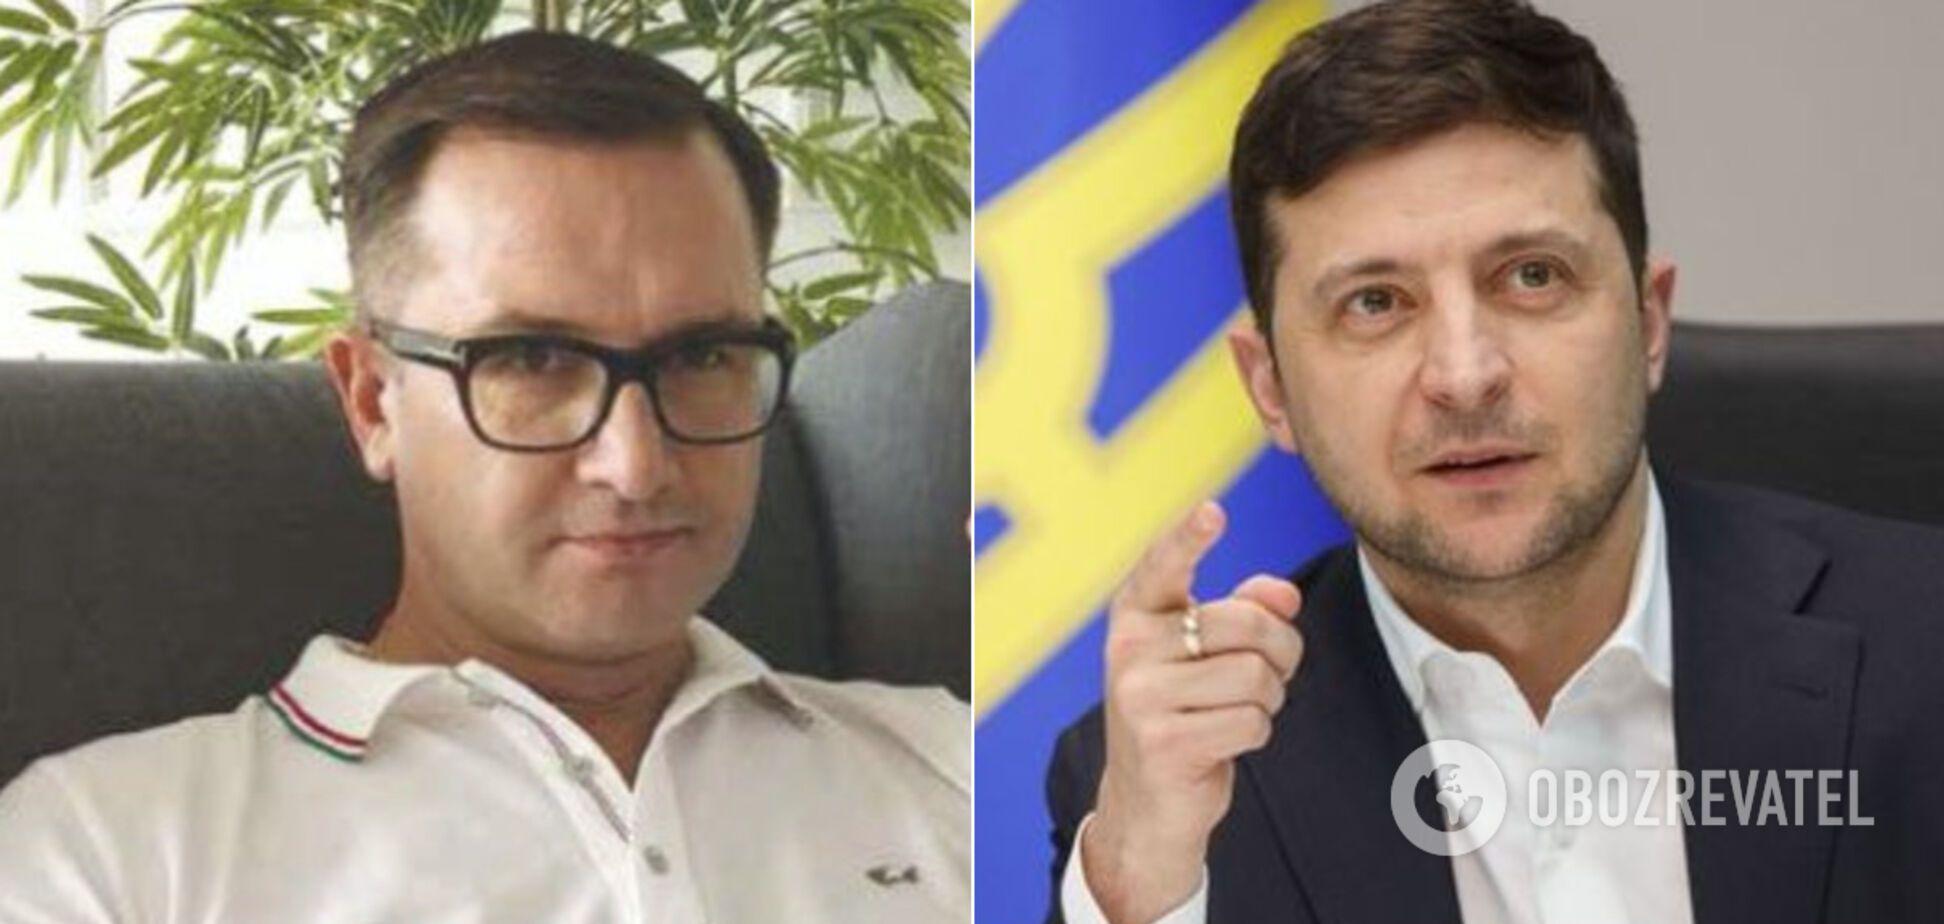 Зеленський буде брати під контроль корупційні справи: Уманський розкрив суть нововведення ОПУ